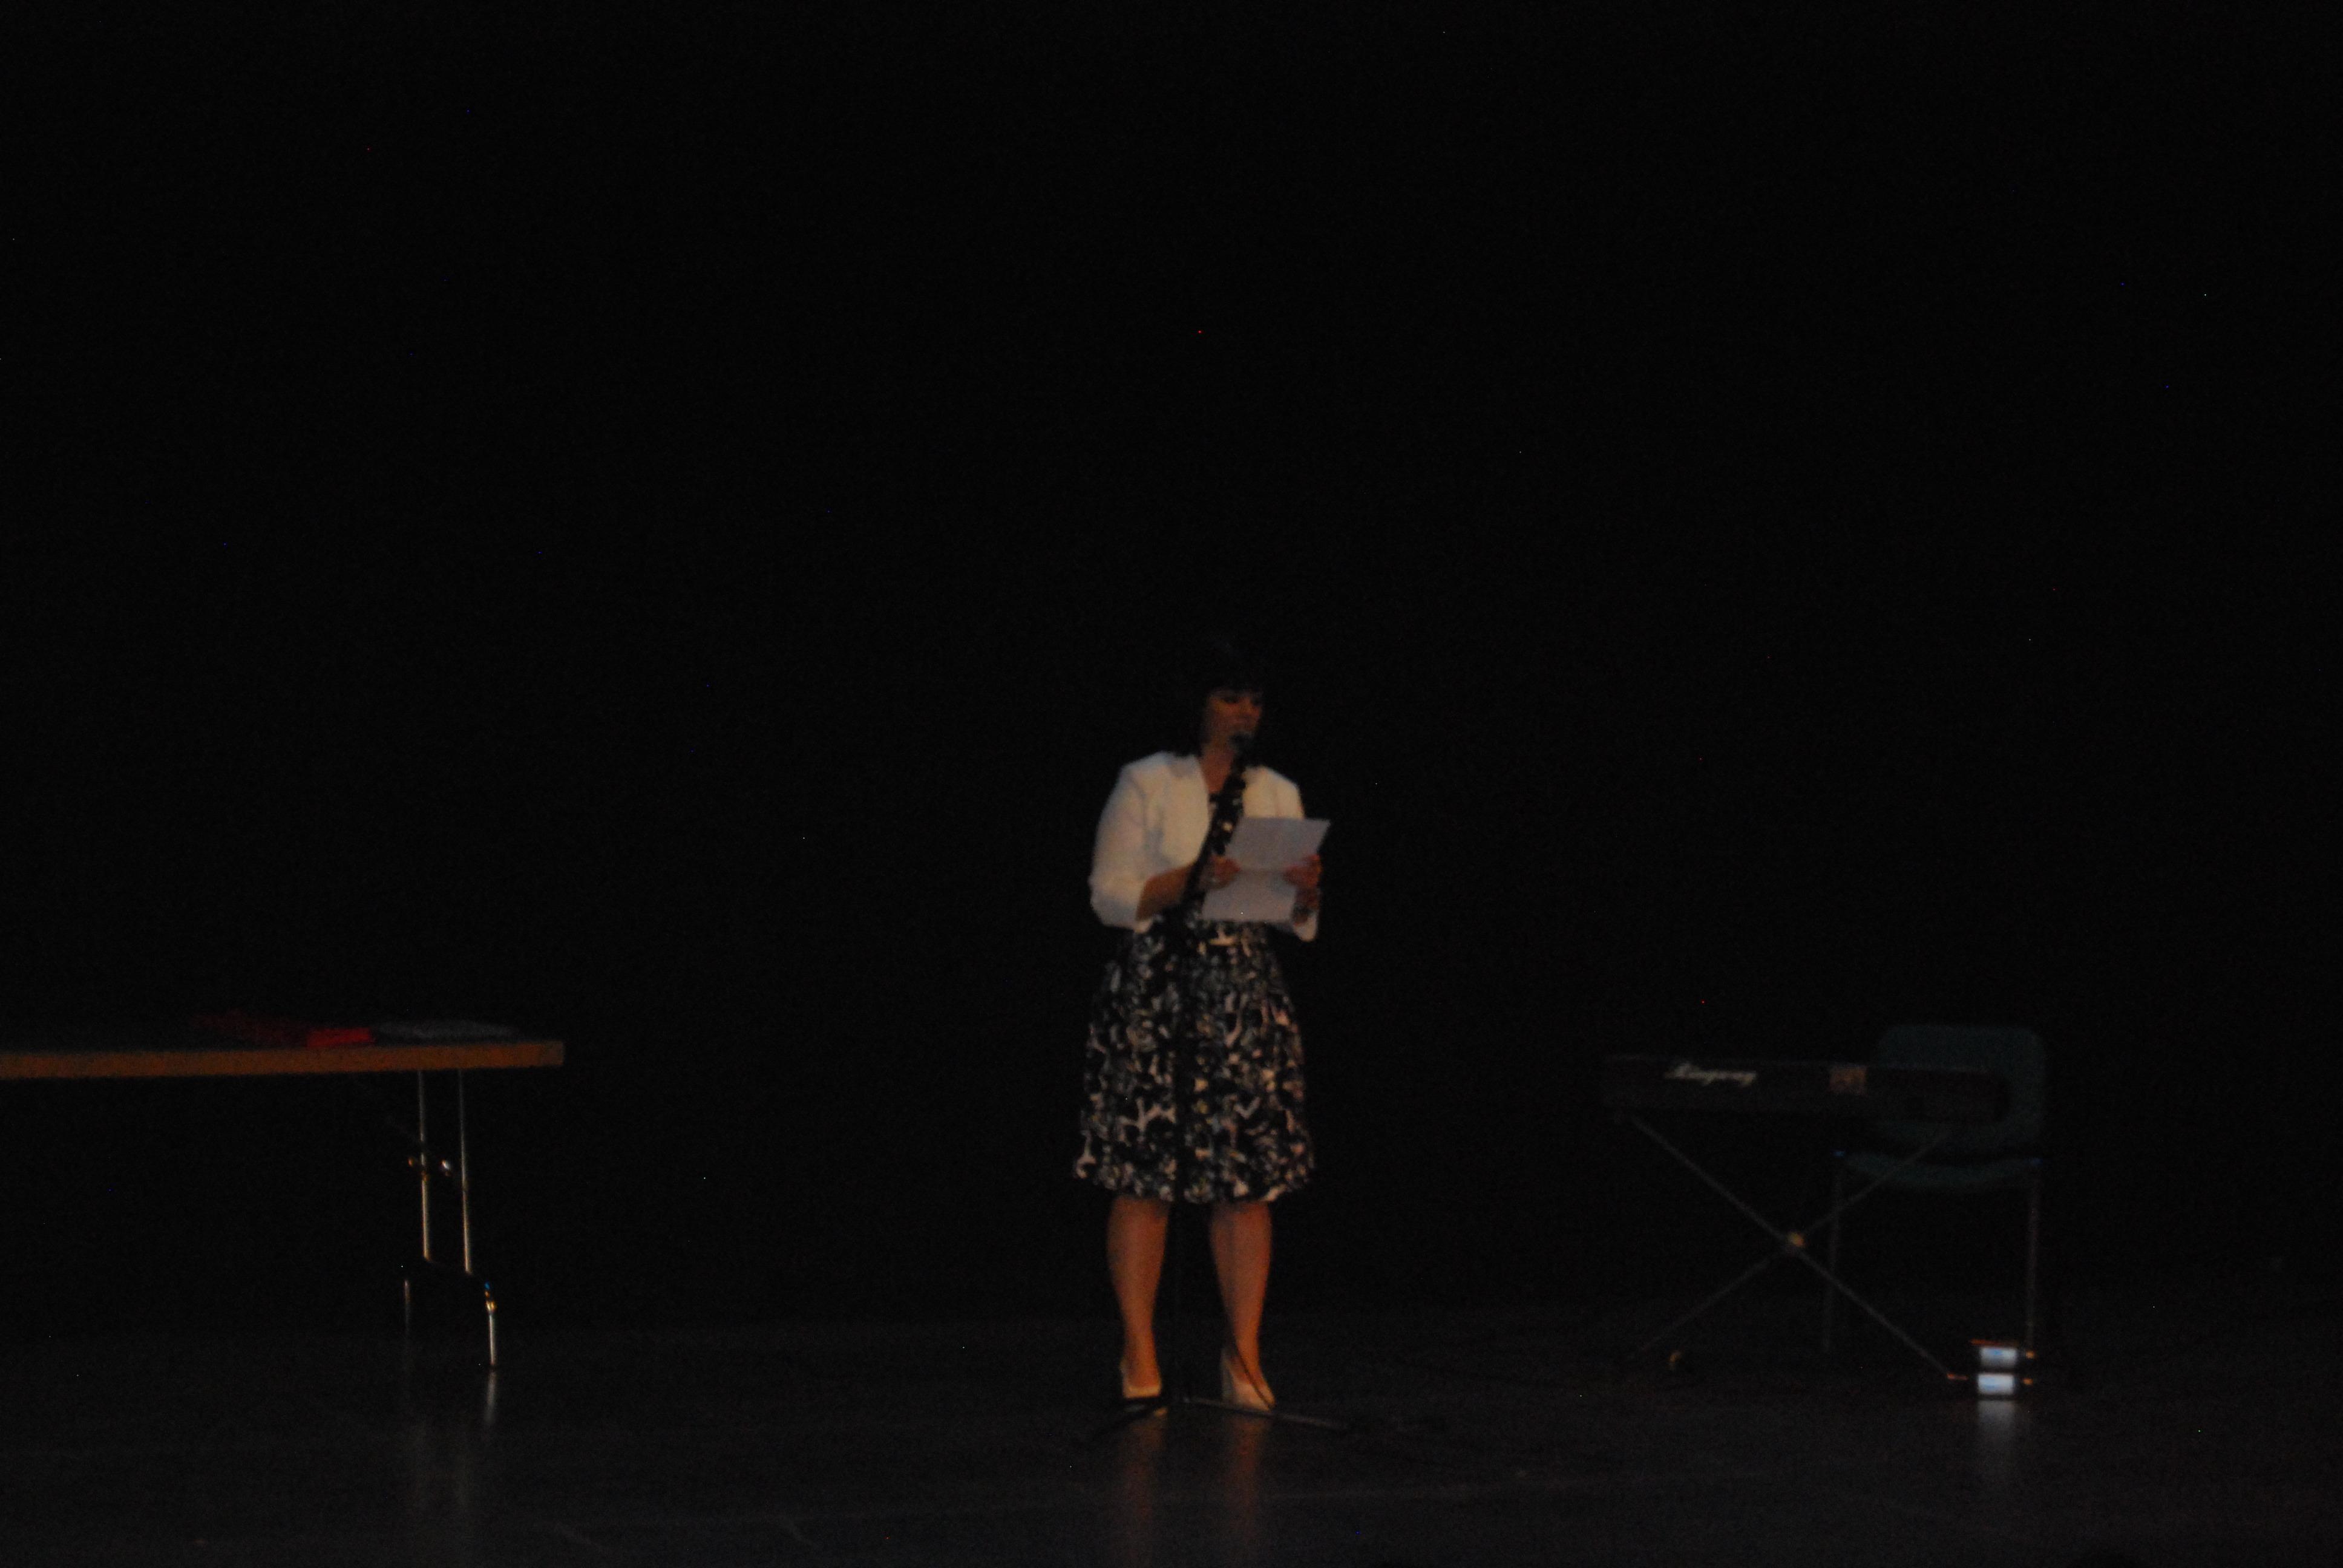 Graduación - 2º Bachillerato - Curso 2017/18 - Álbum # 5